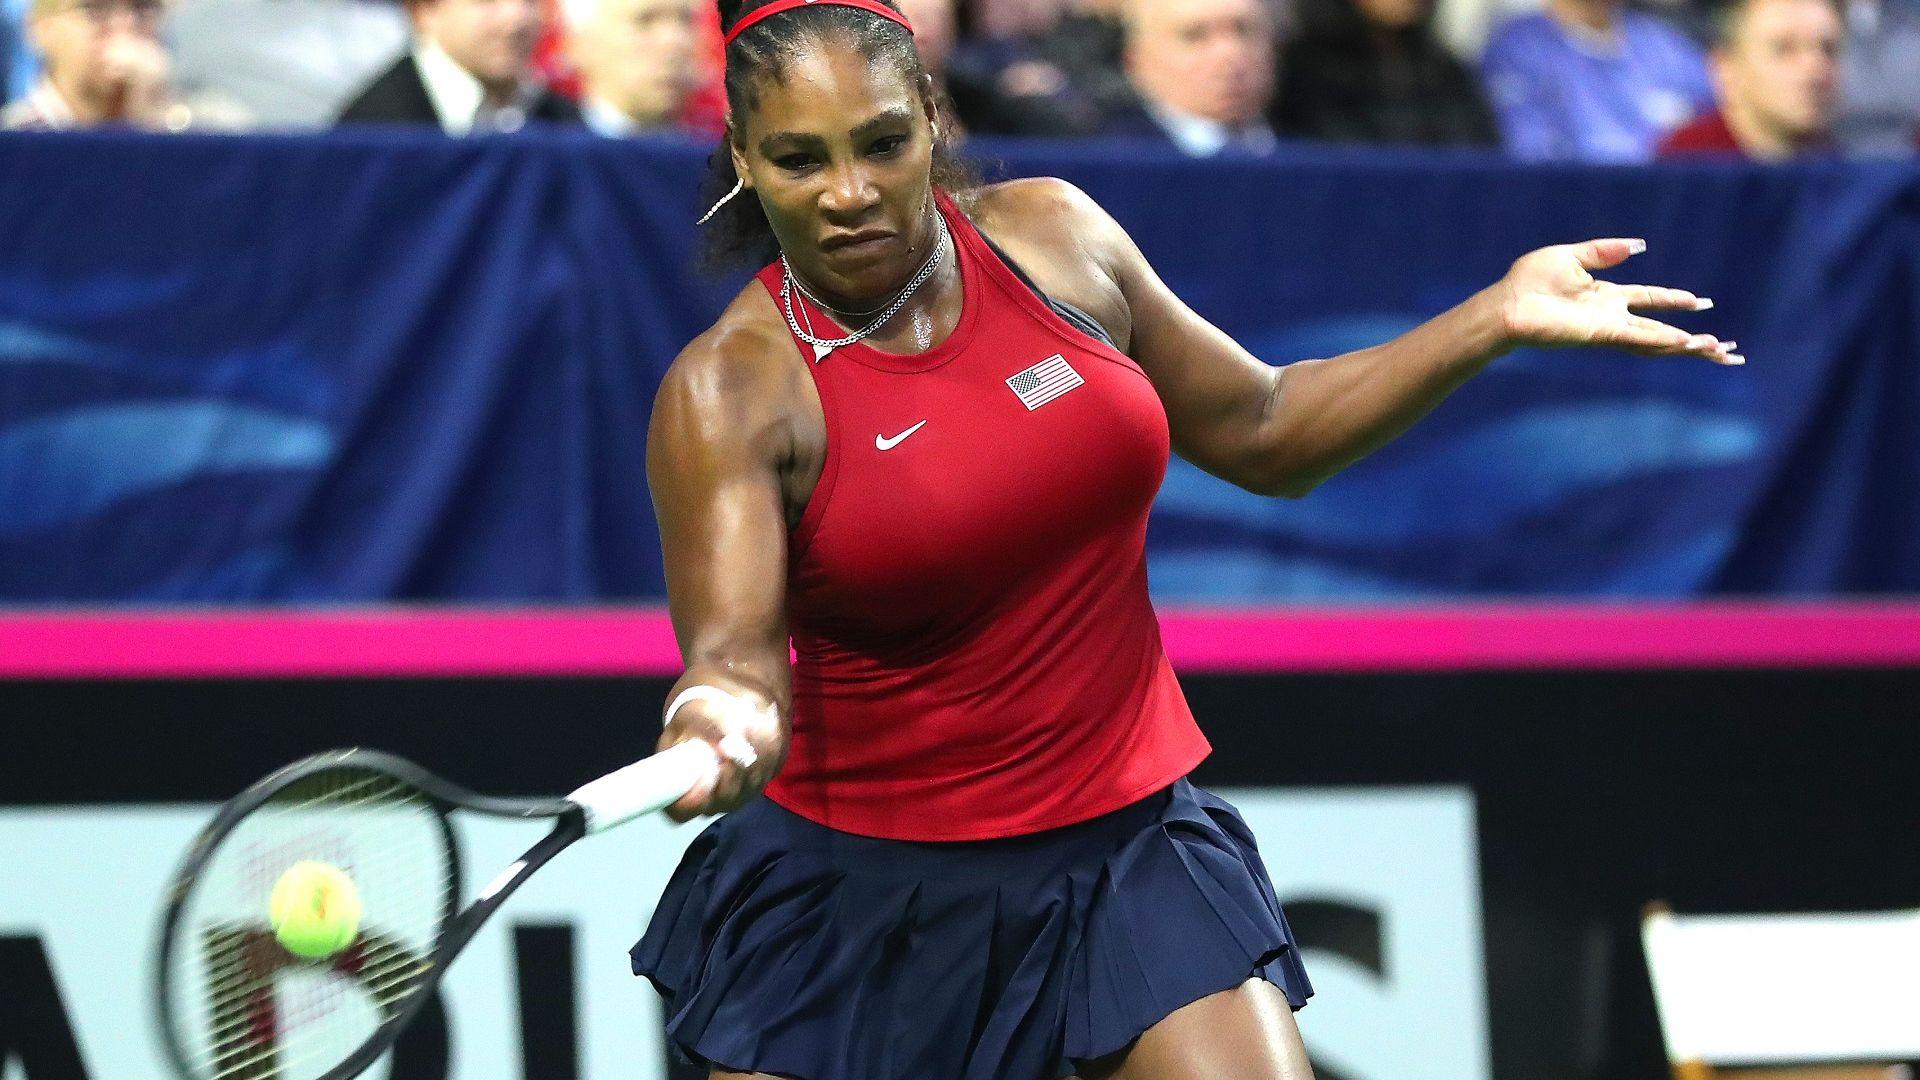 След пет години пауза, Серина отново игра за САЩ и победи